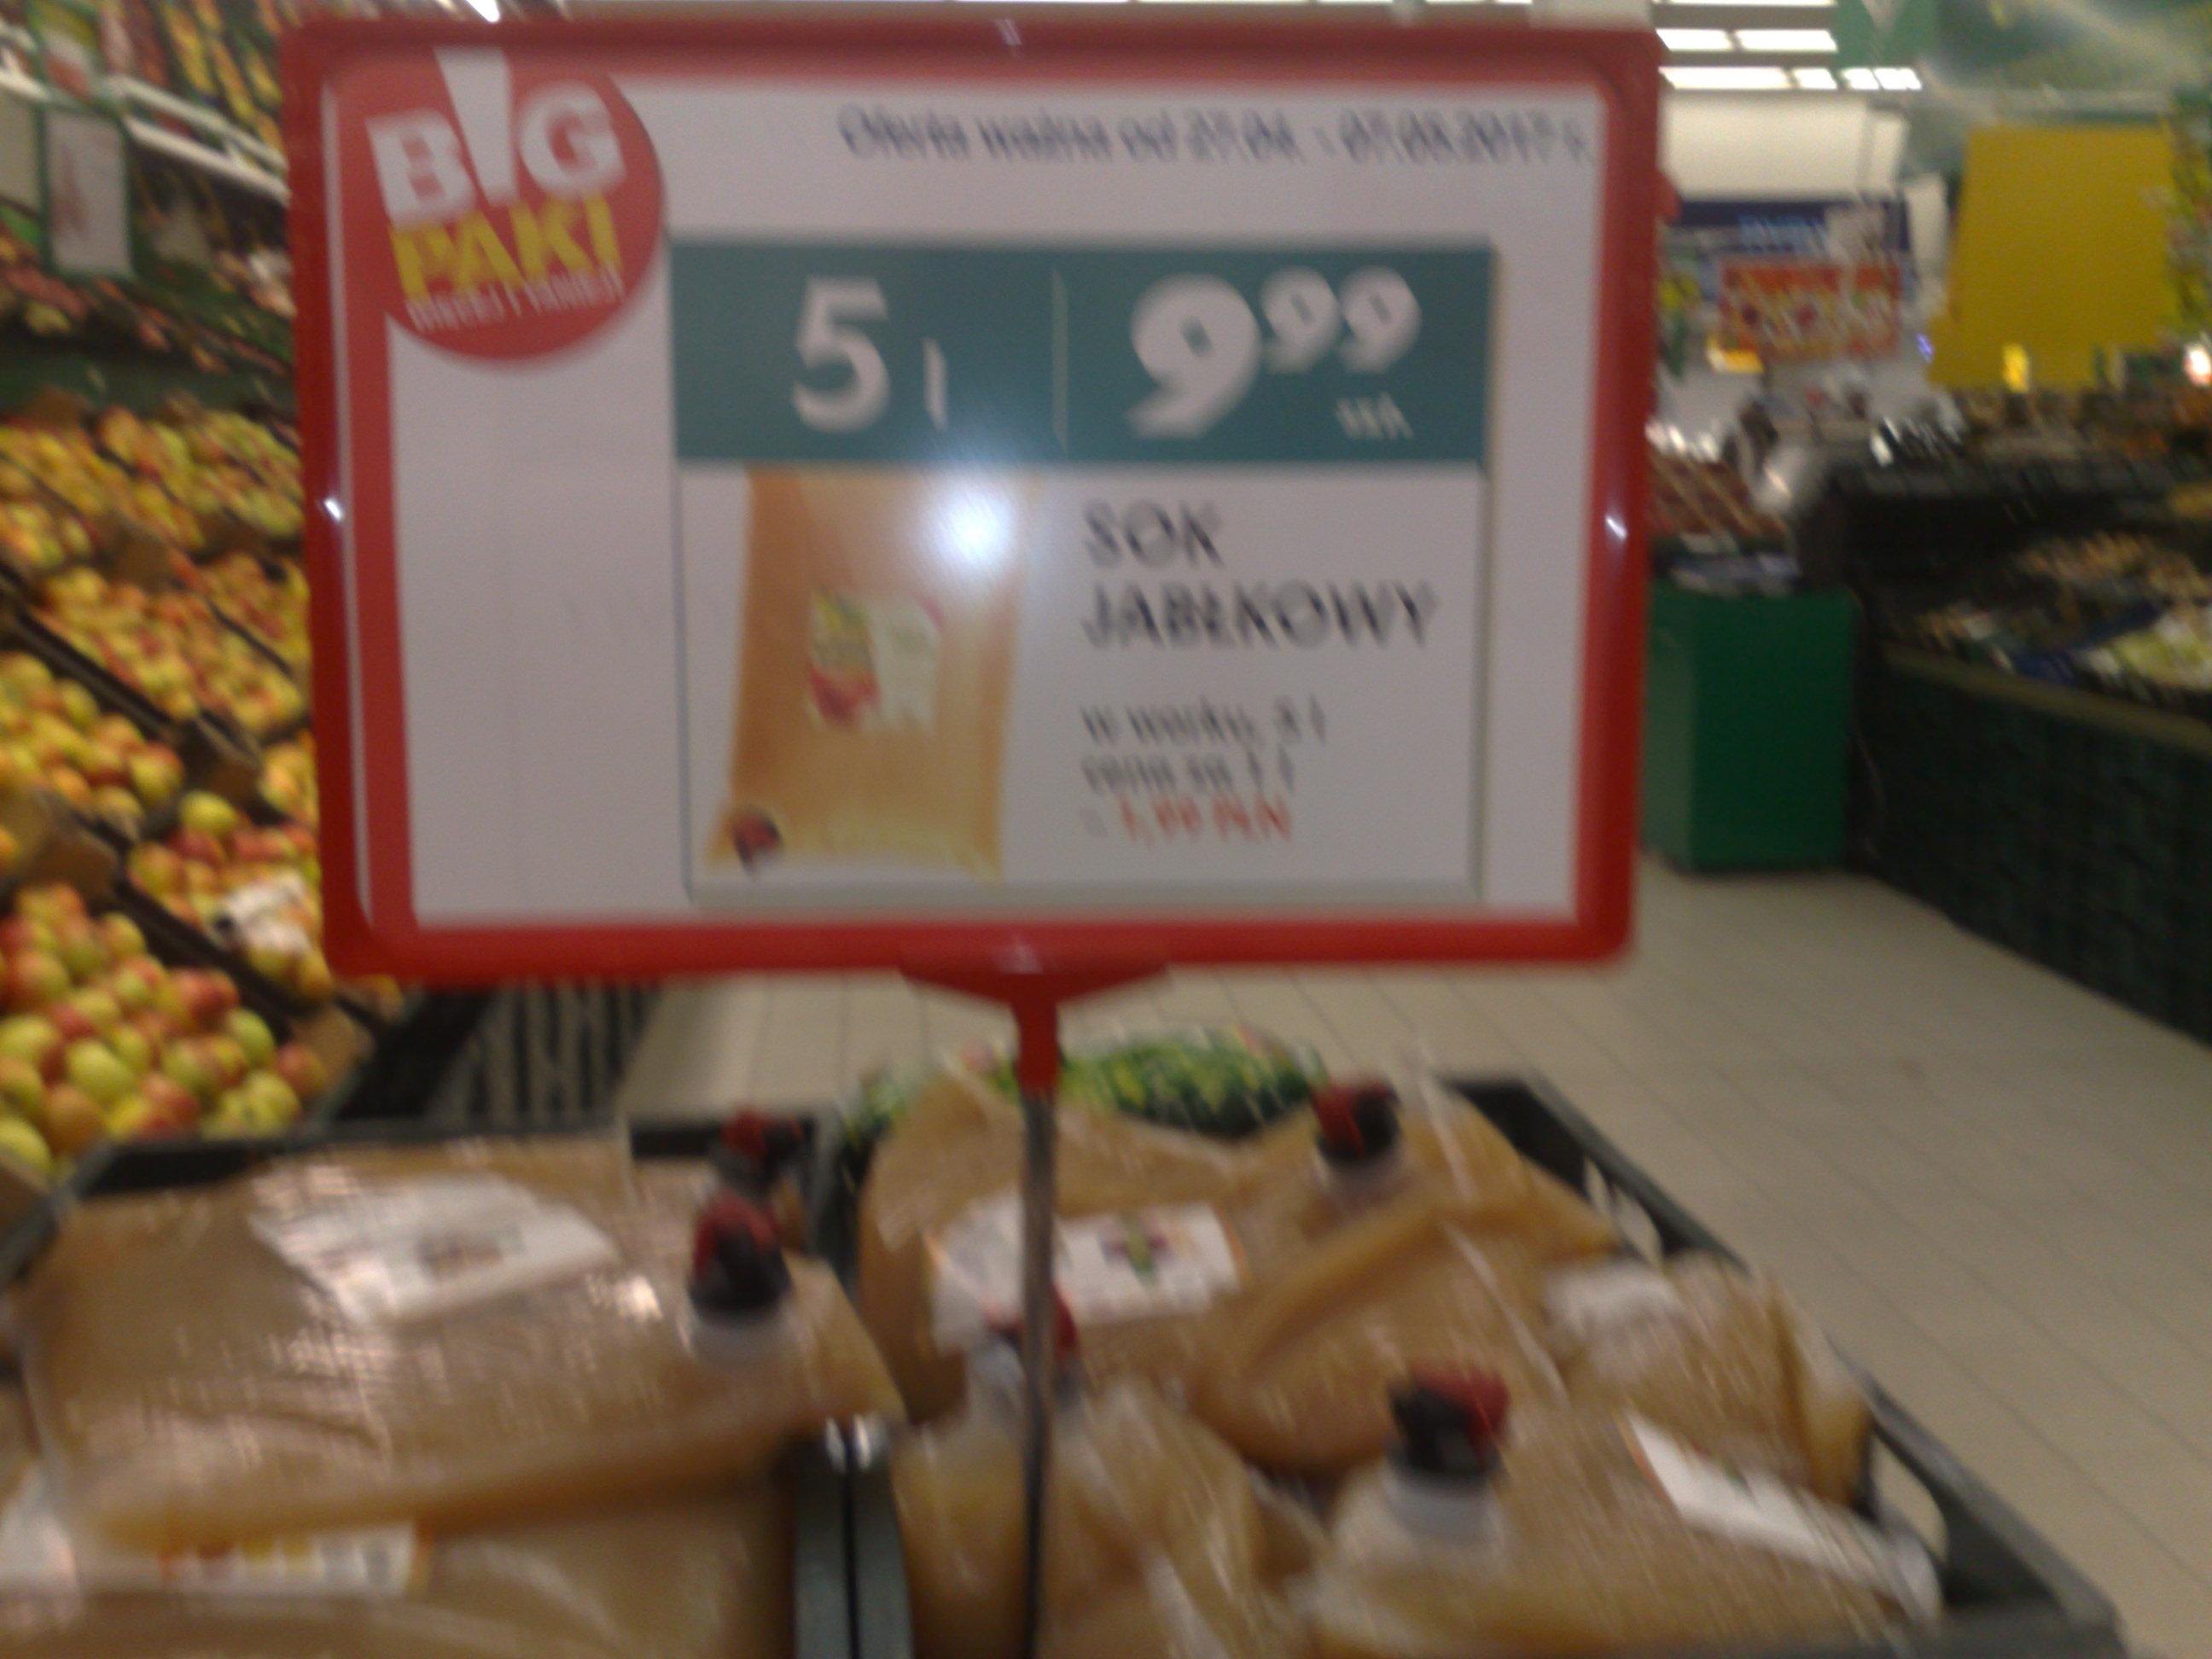 Sok jabłkowy - 5 litrów BIG PAKI - 9,99 zł   Auchan